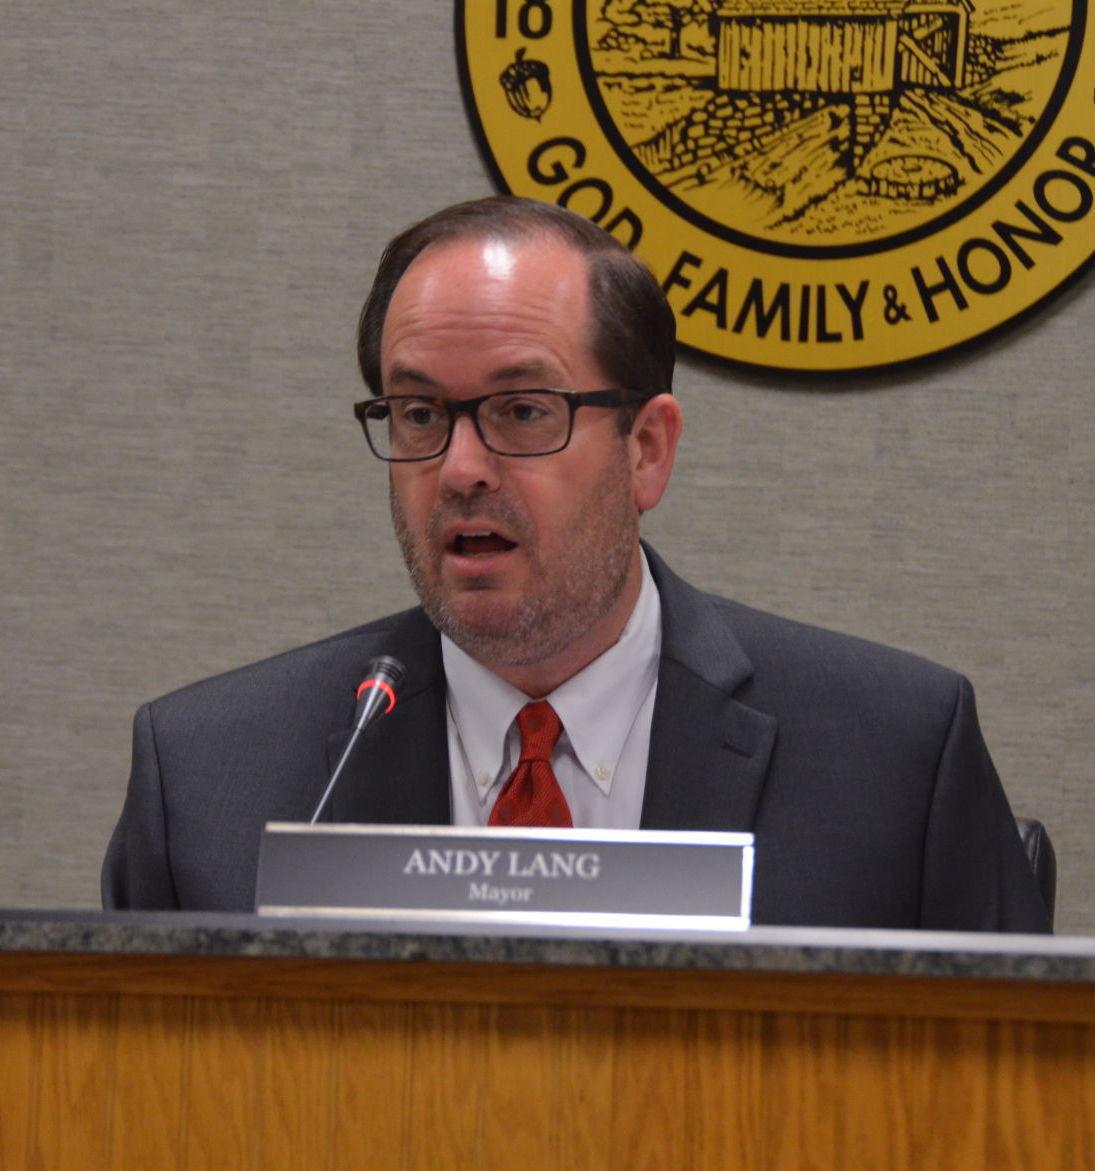 Andy Lang